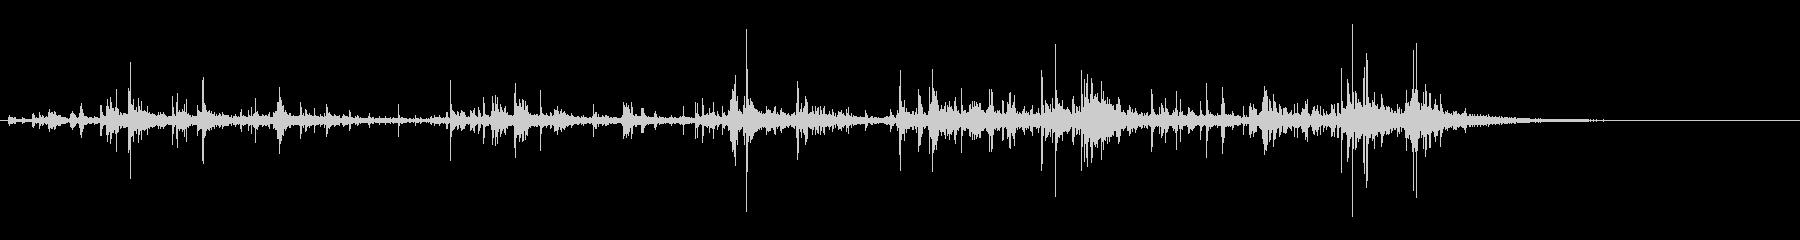 「カラカラ〜」ウッドチャイムの音リバーブの未再生の波形